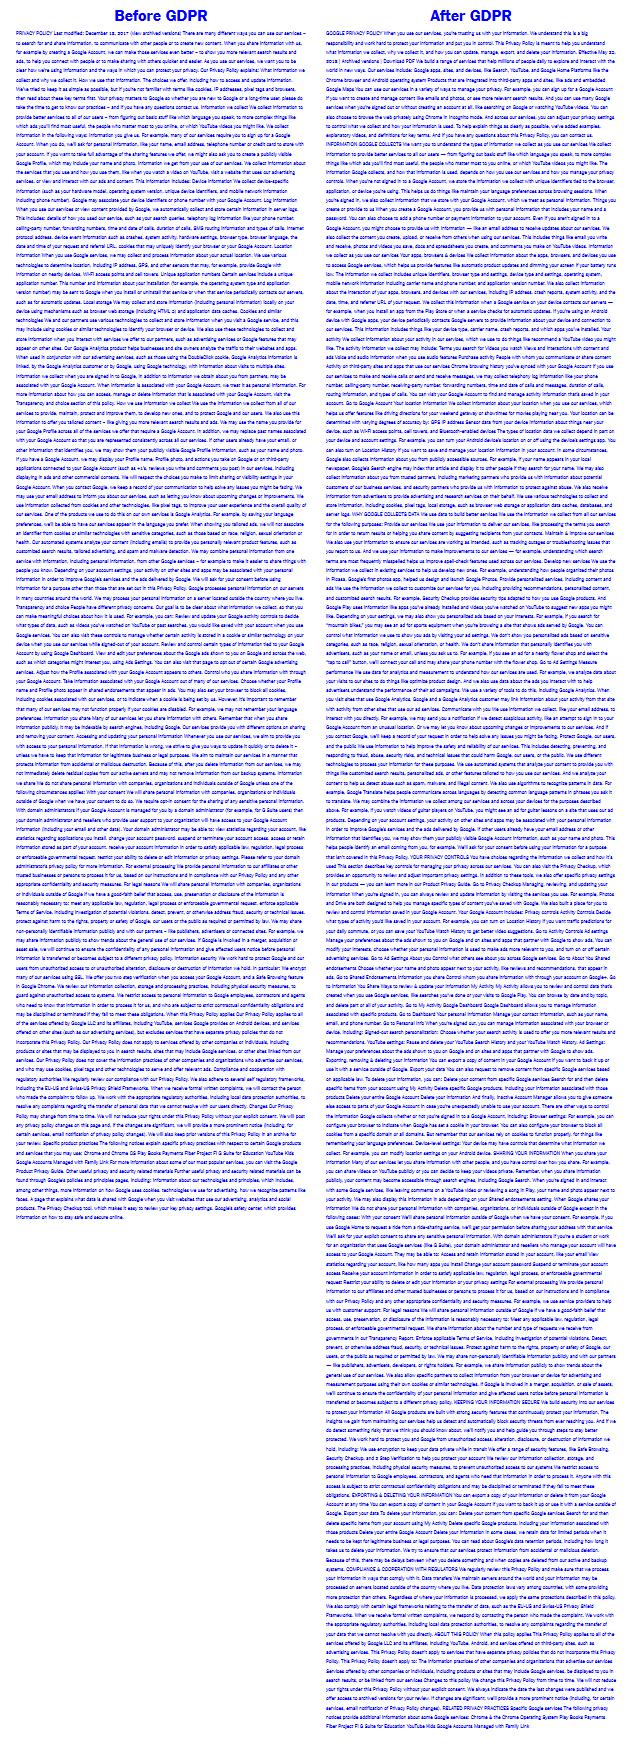 Тайная история интернета в политике конфиденциальности от Google, состоящей из 4000 слов - 3